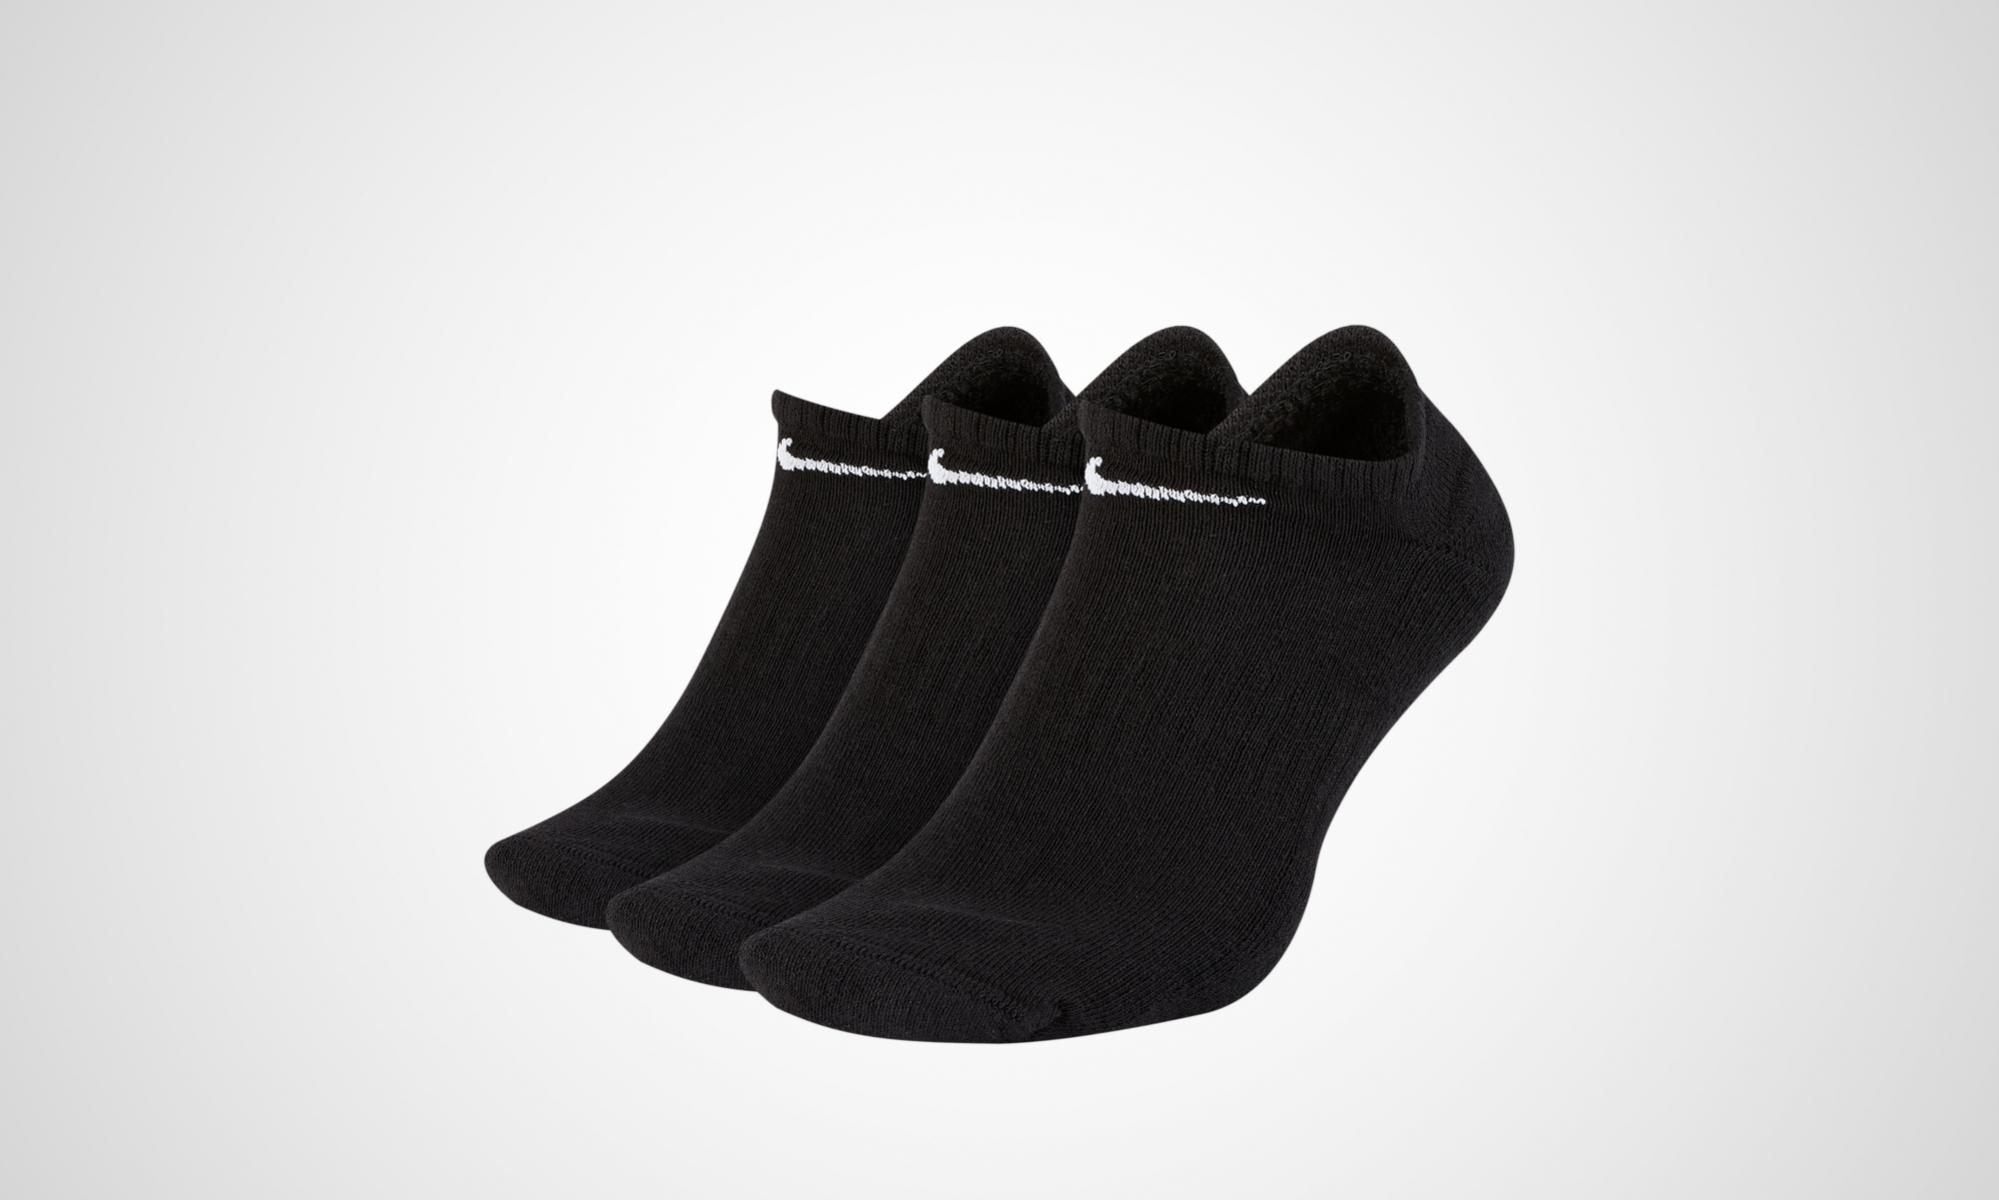 CALZINI - Nike - Traccestore 4d49a44b224a